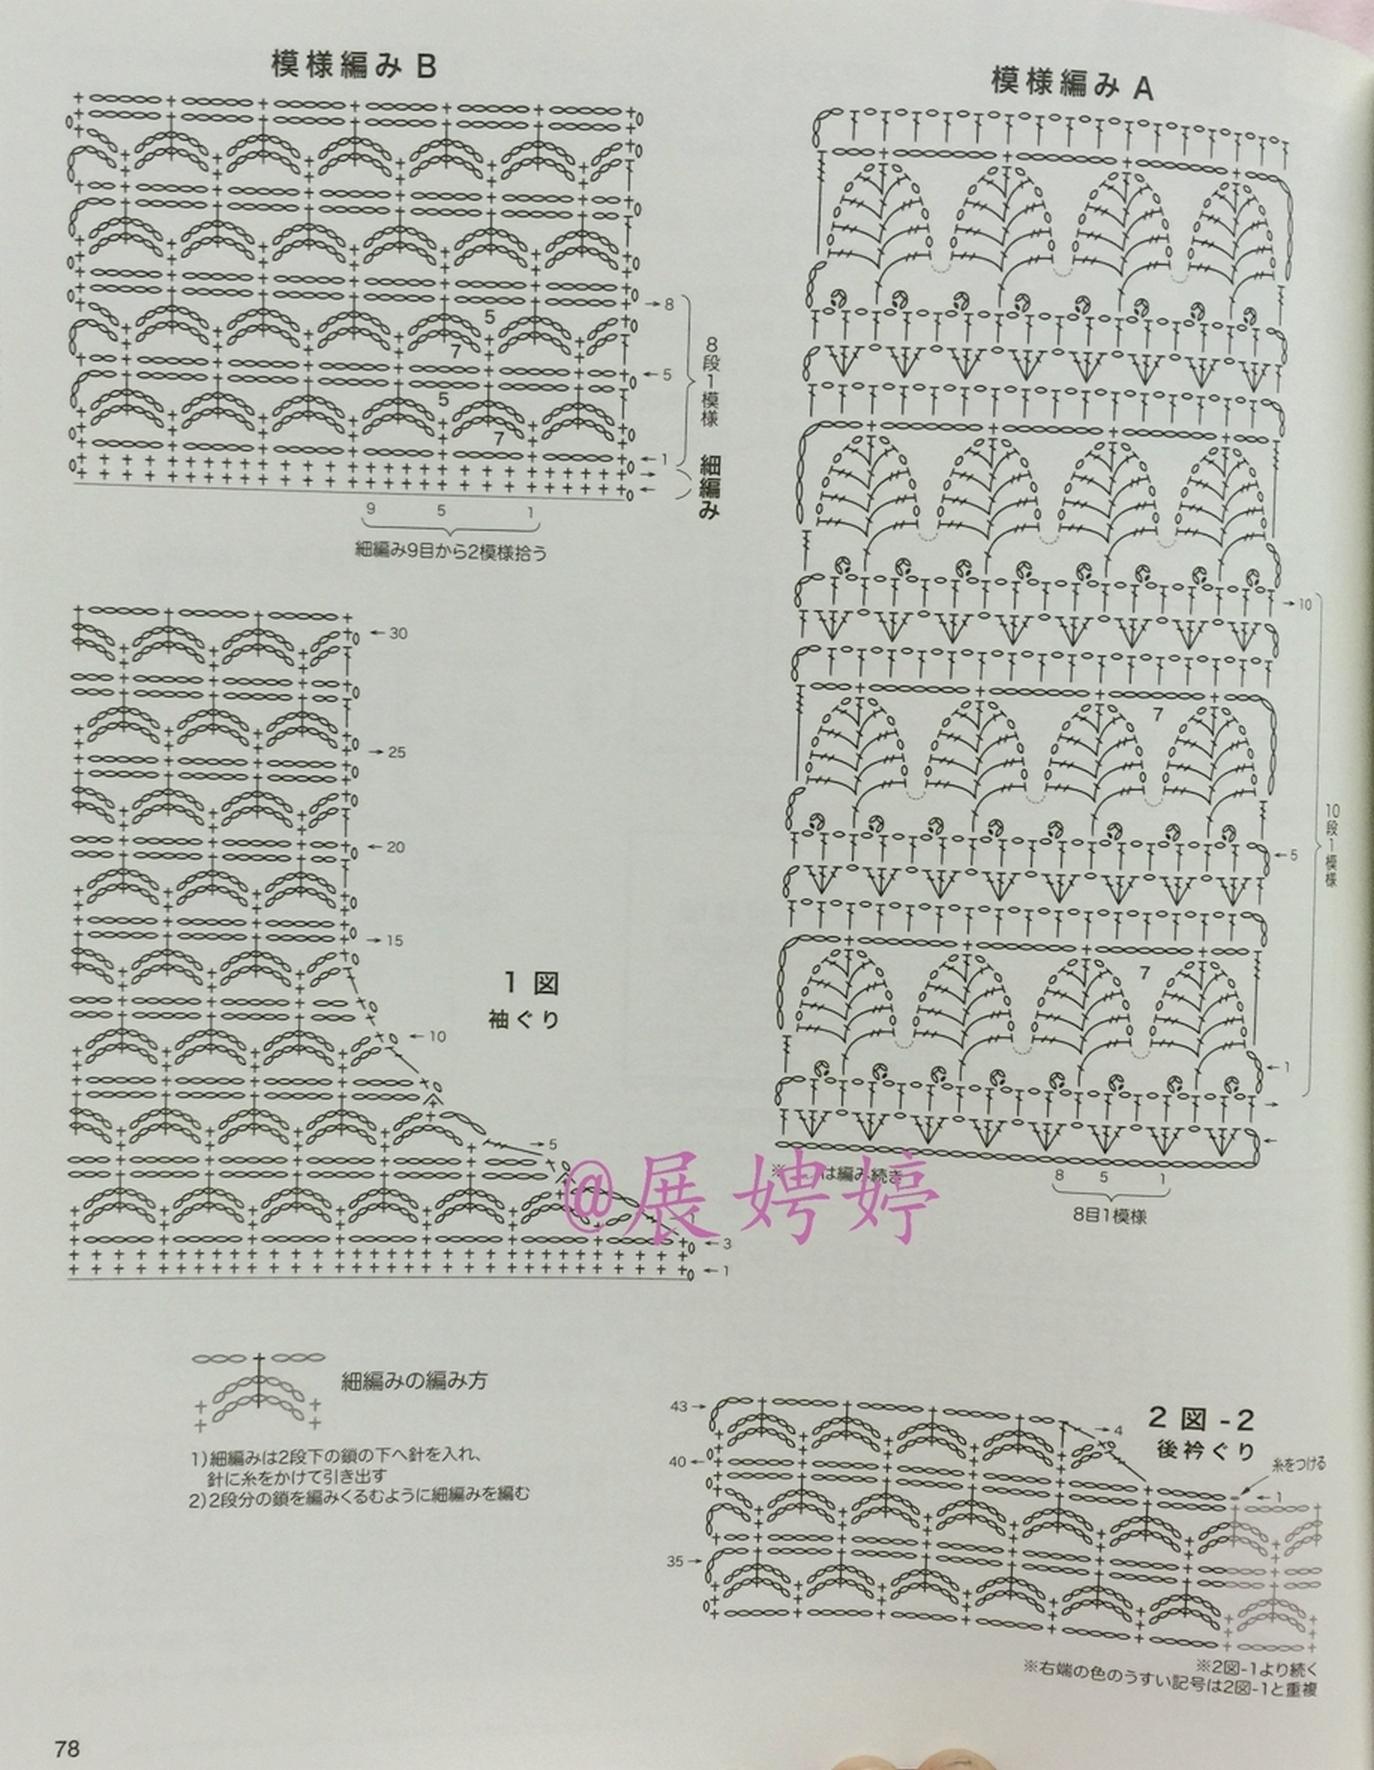 0483_LKS NV80420 (23)